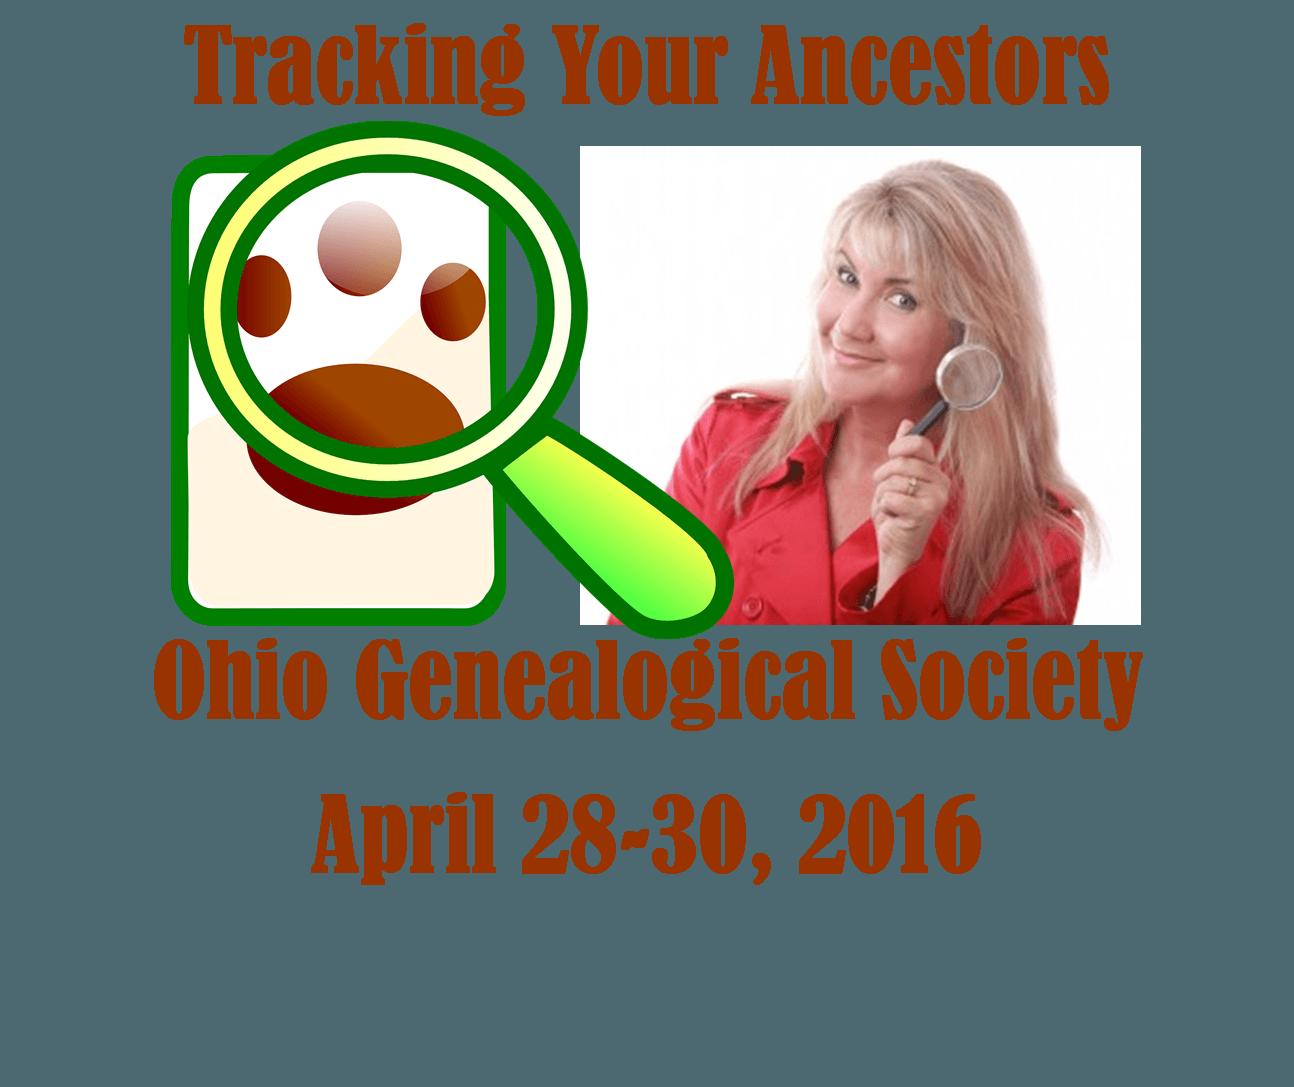 Lisa Louise Cooke is Coming to Cincinnati: OGS 2016